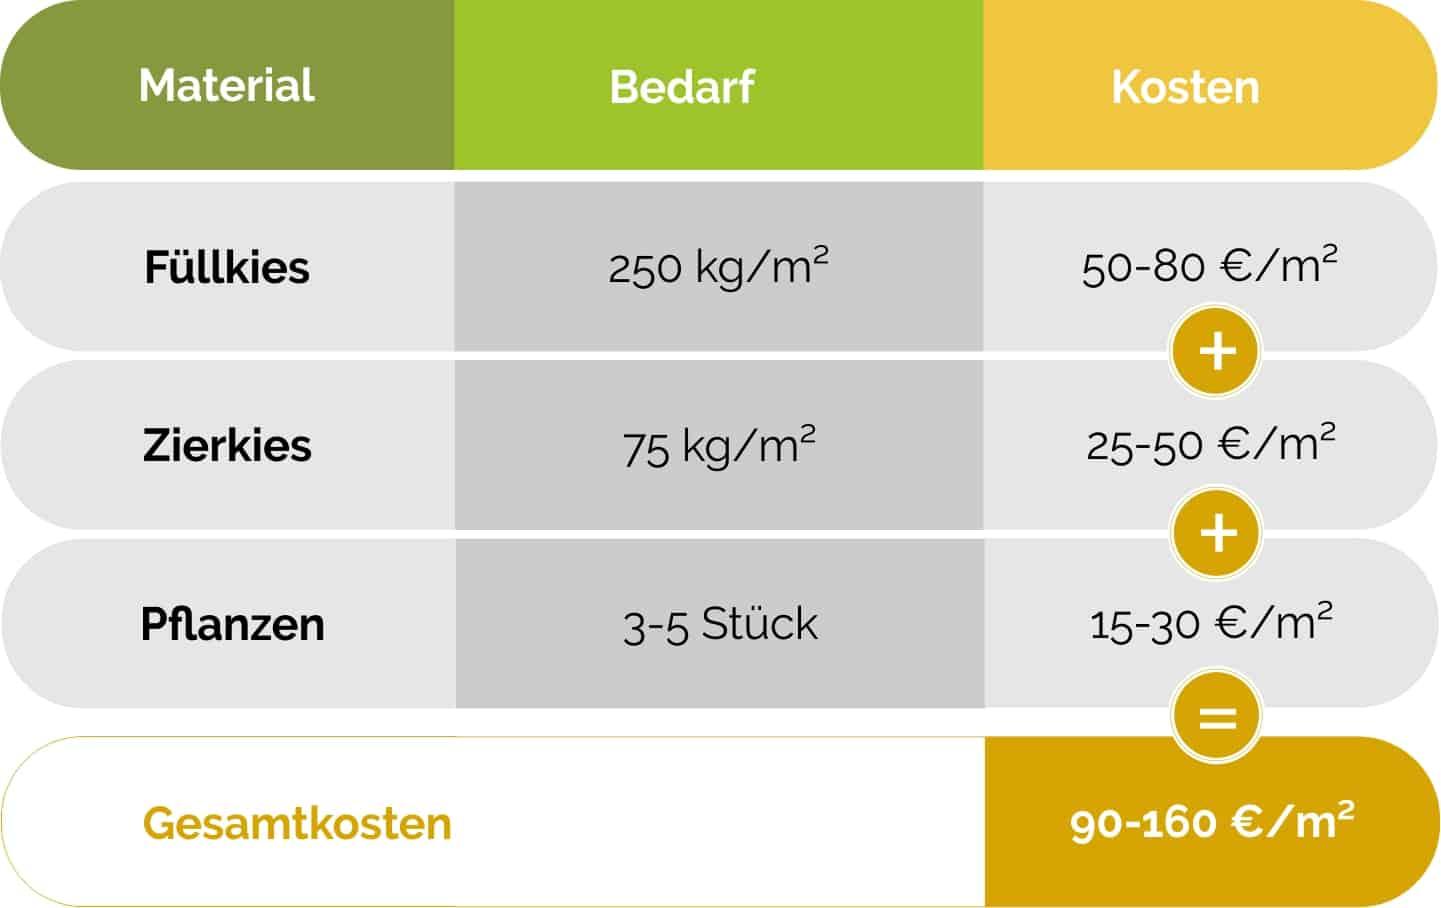 kosten_kiesgarten_bedarf